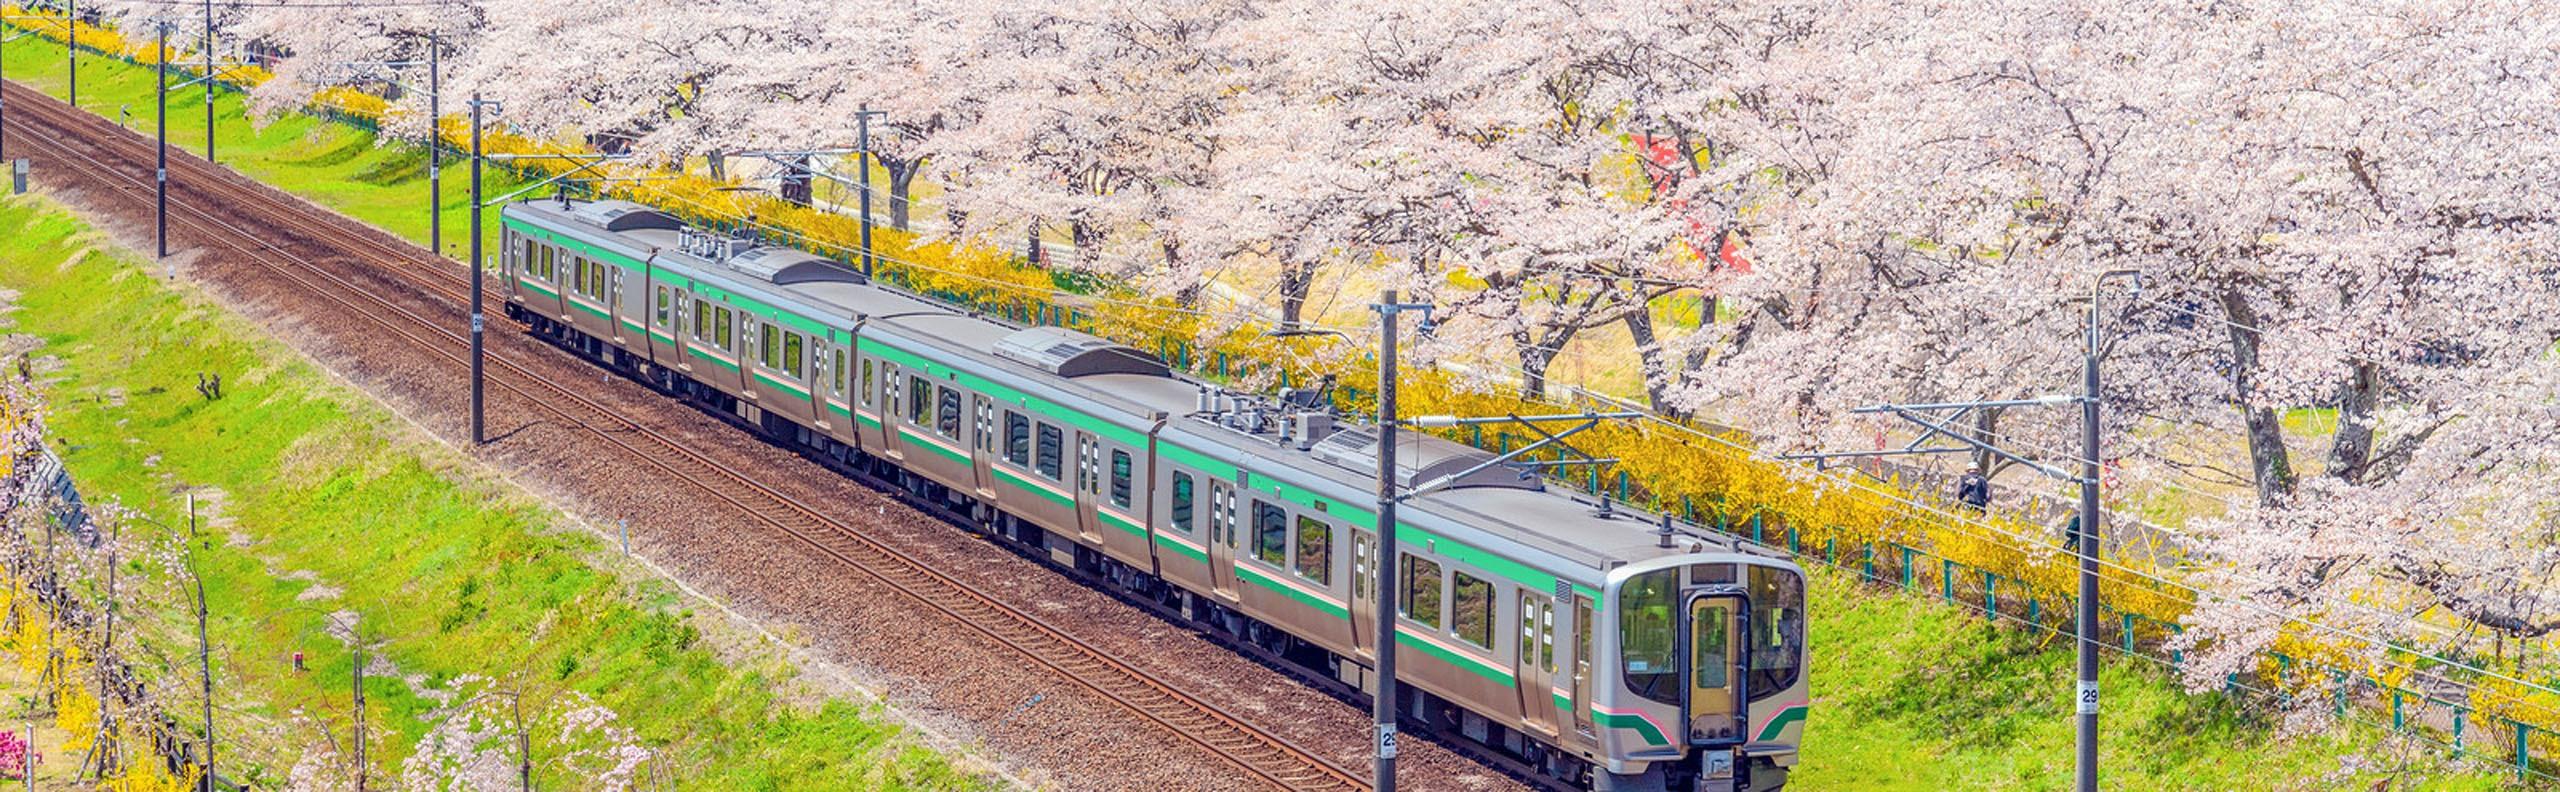 The Shinkansen Bullet Train in Japan